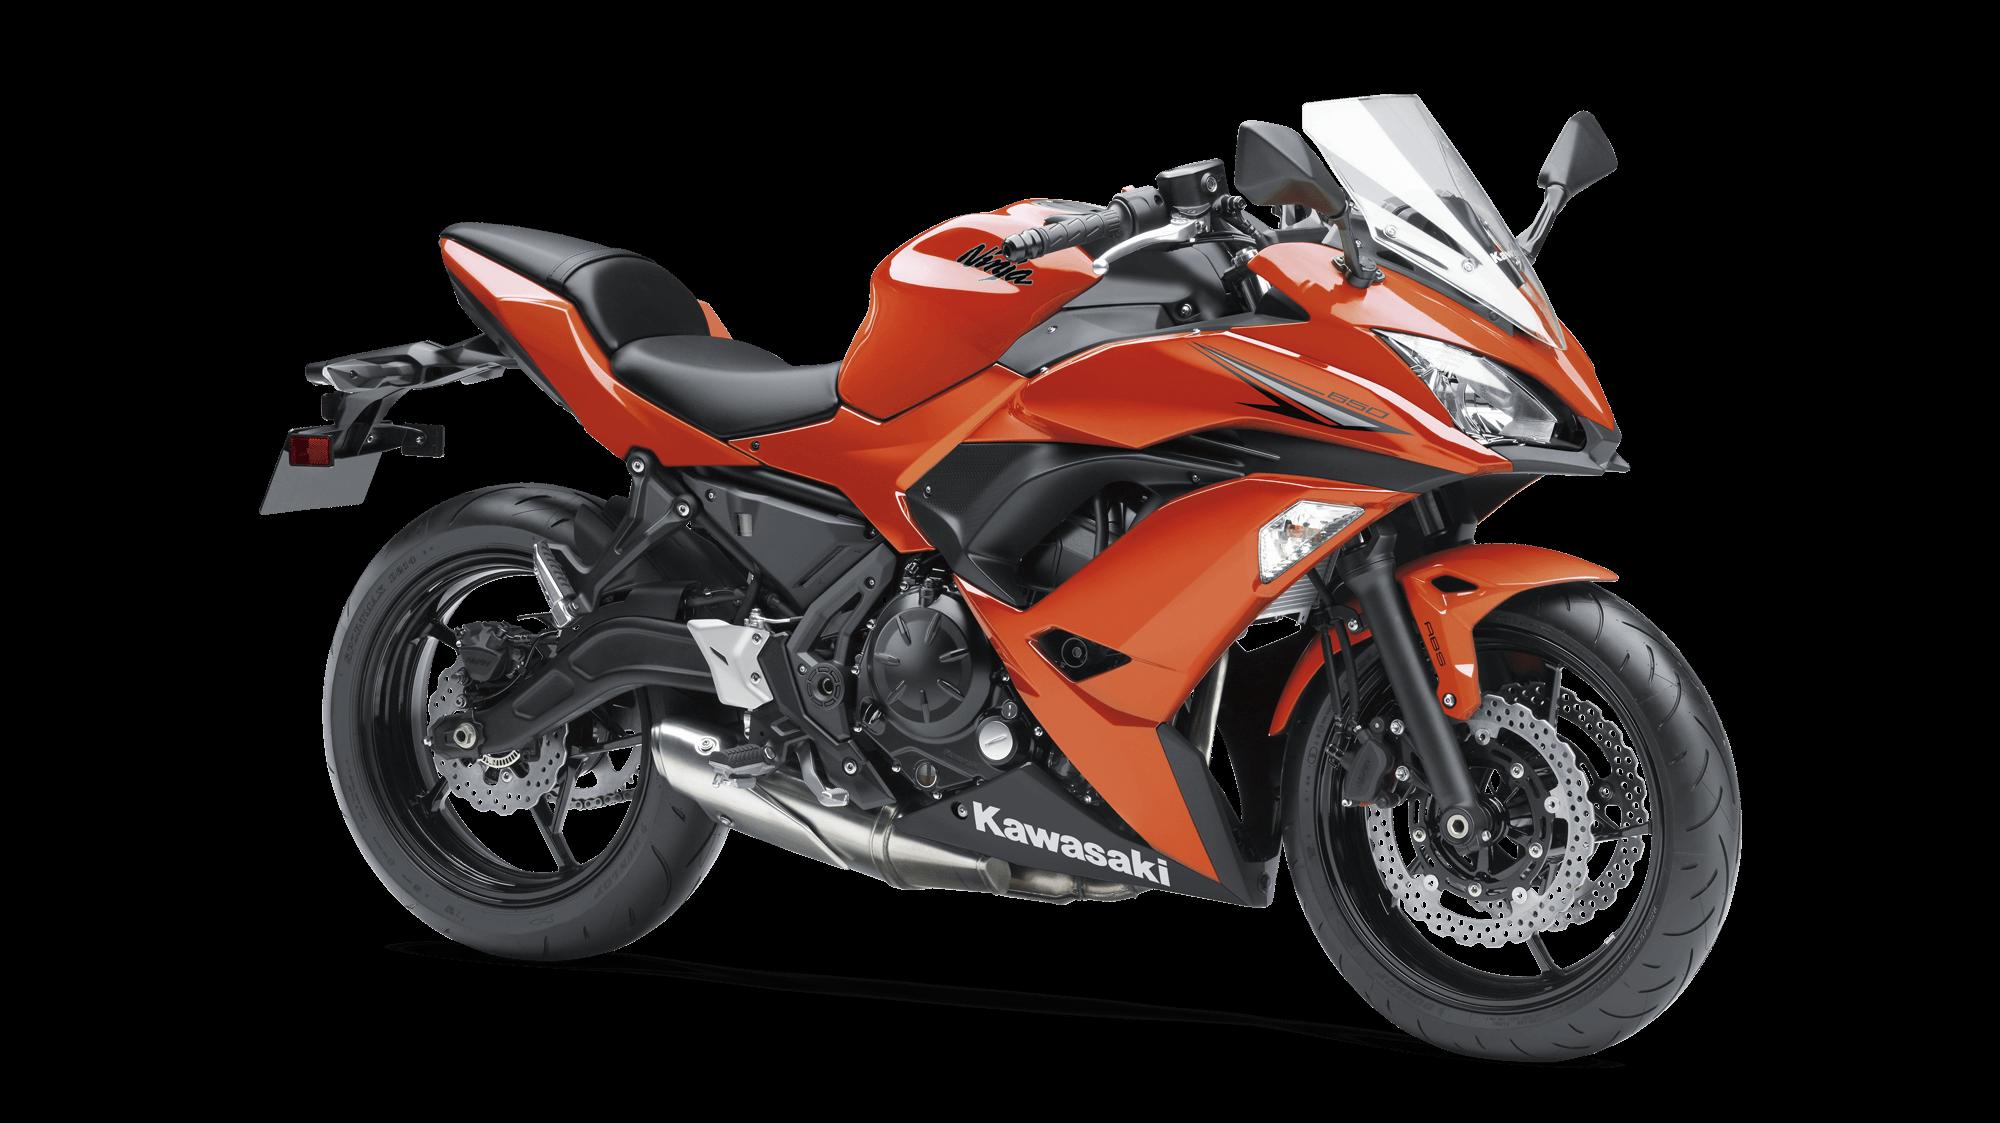 Kawasaki-Ninja-650-2017-hang-hiem-tren-pho-Sai-Gon-gia-228-trieu-dong